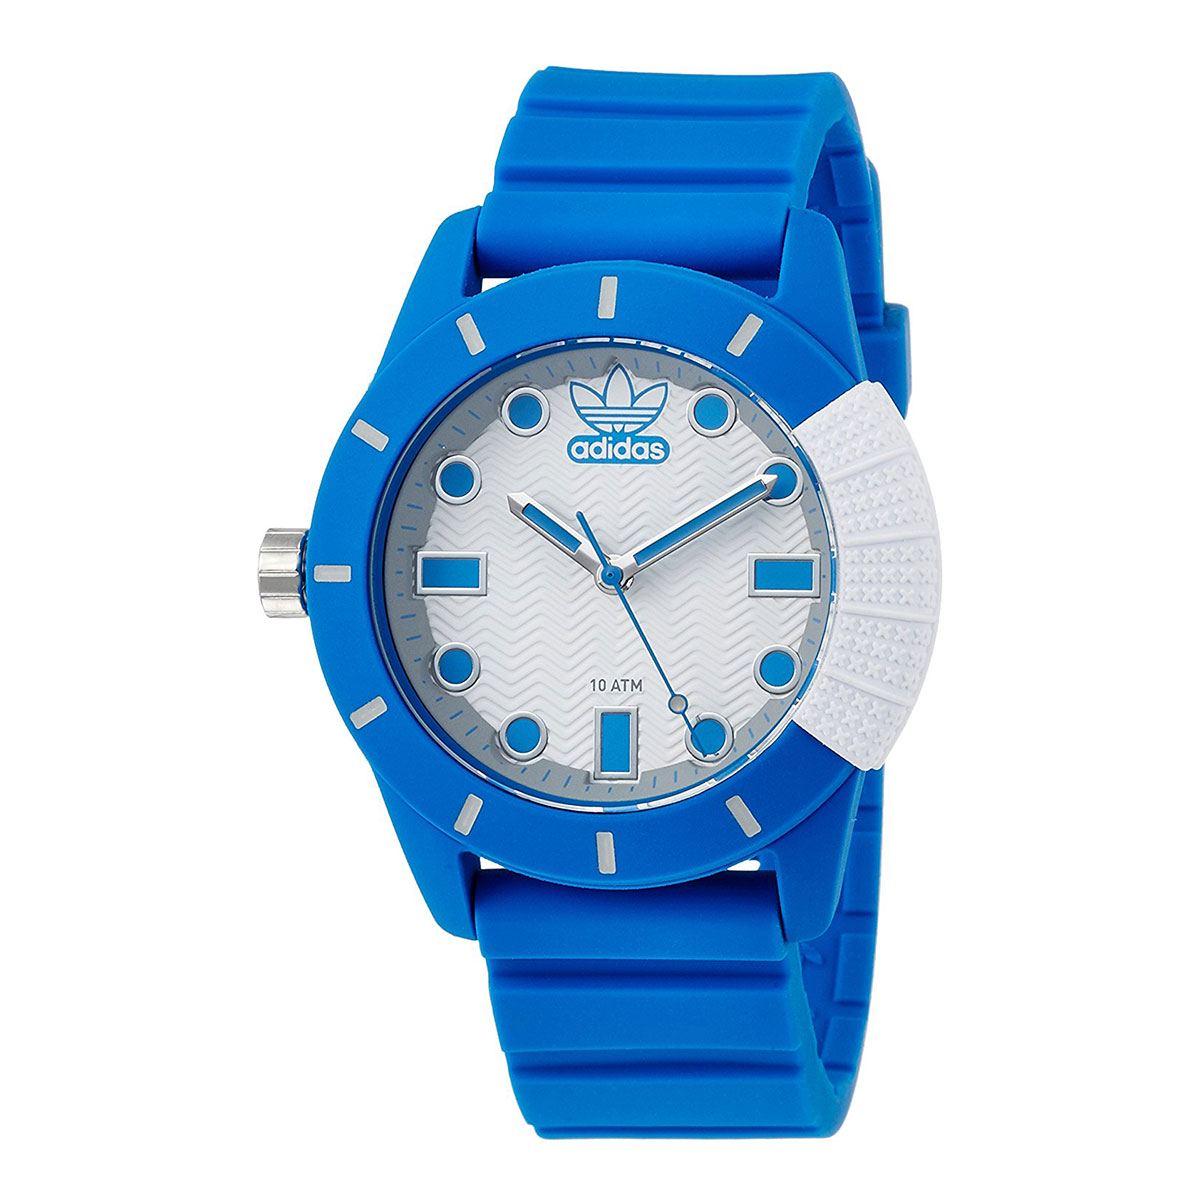 นาฬิกาผู้ชาย Adidas รุ่น ADH3194, Originals